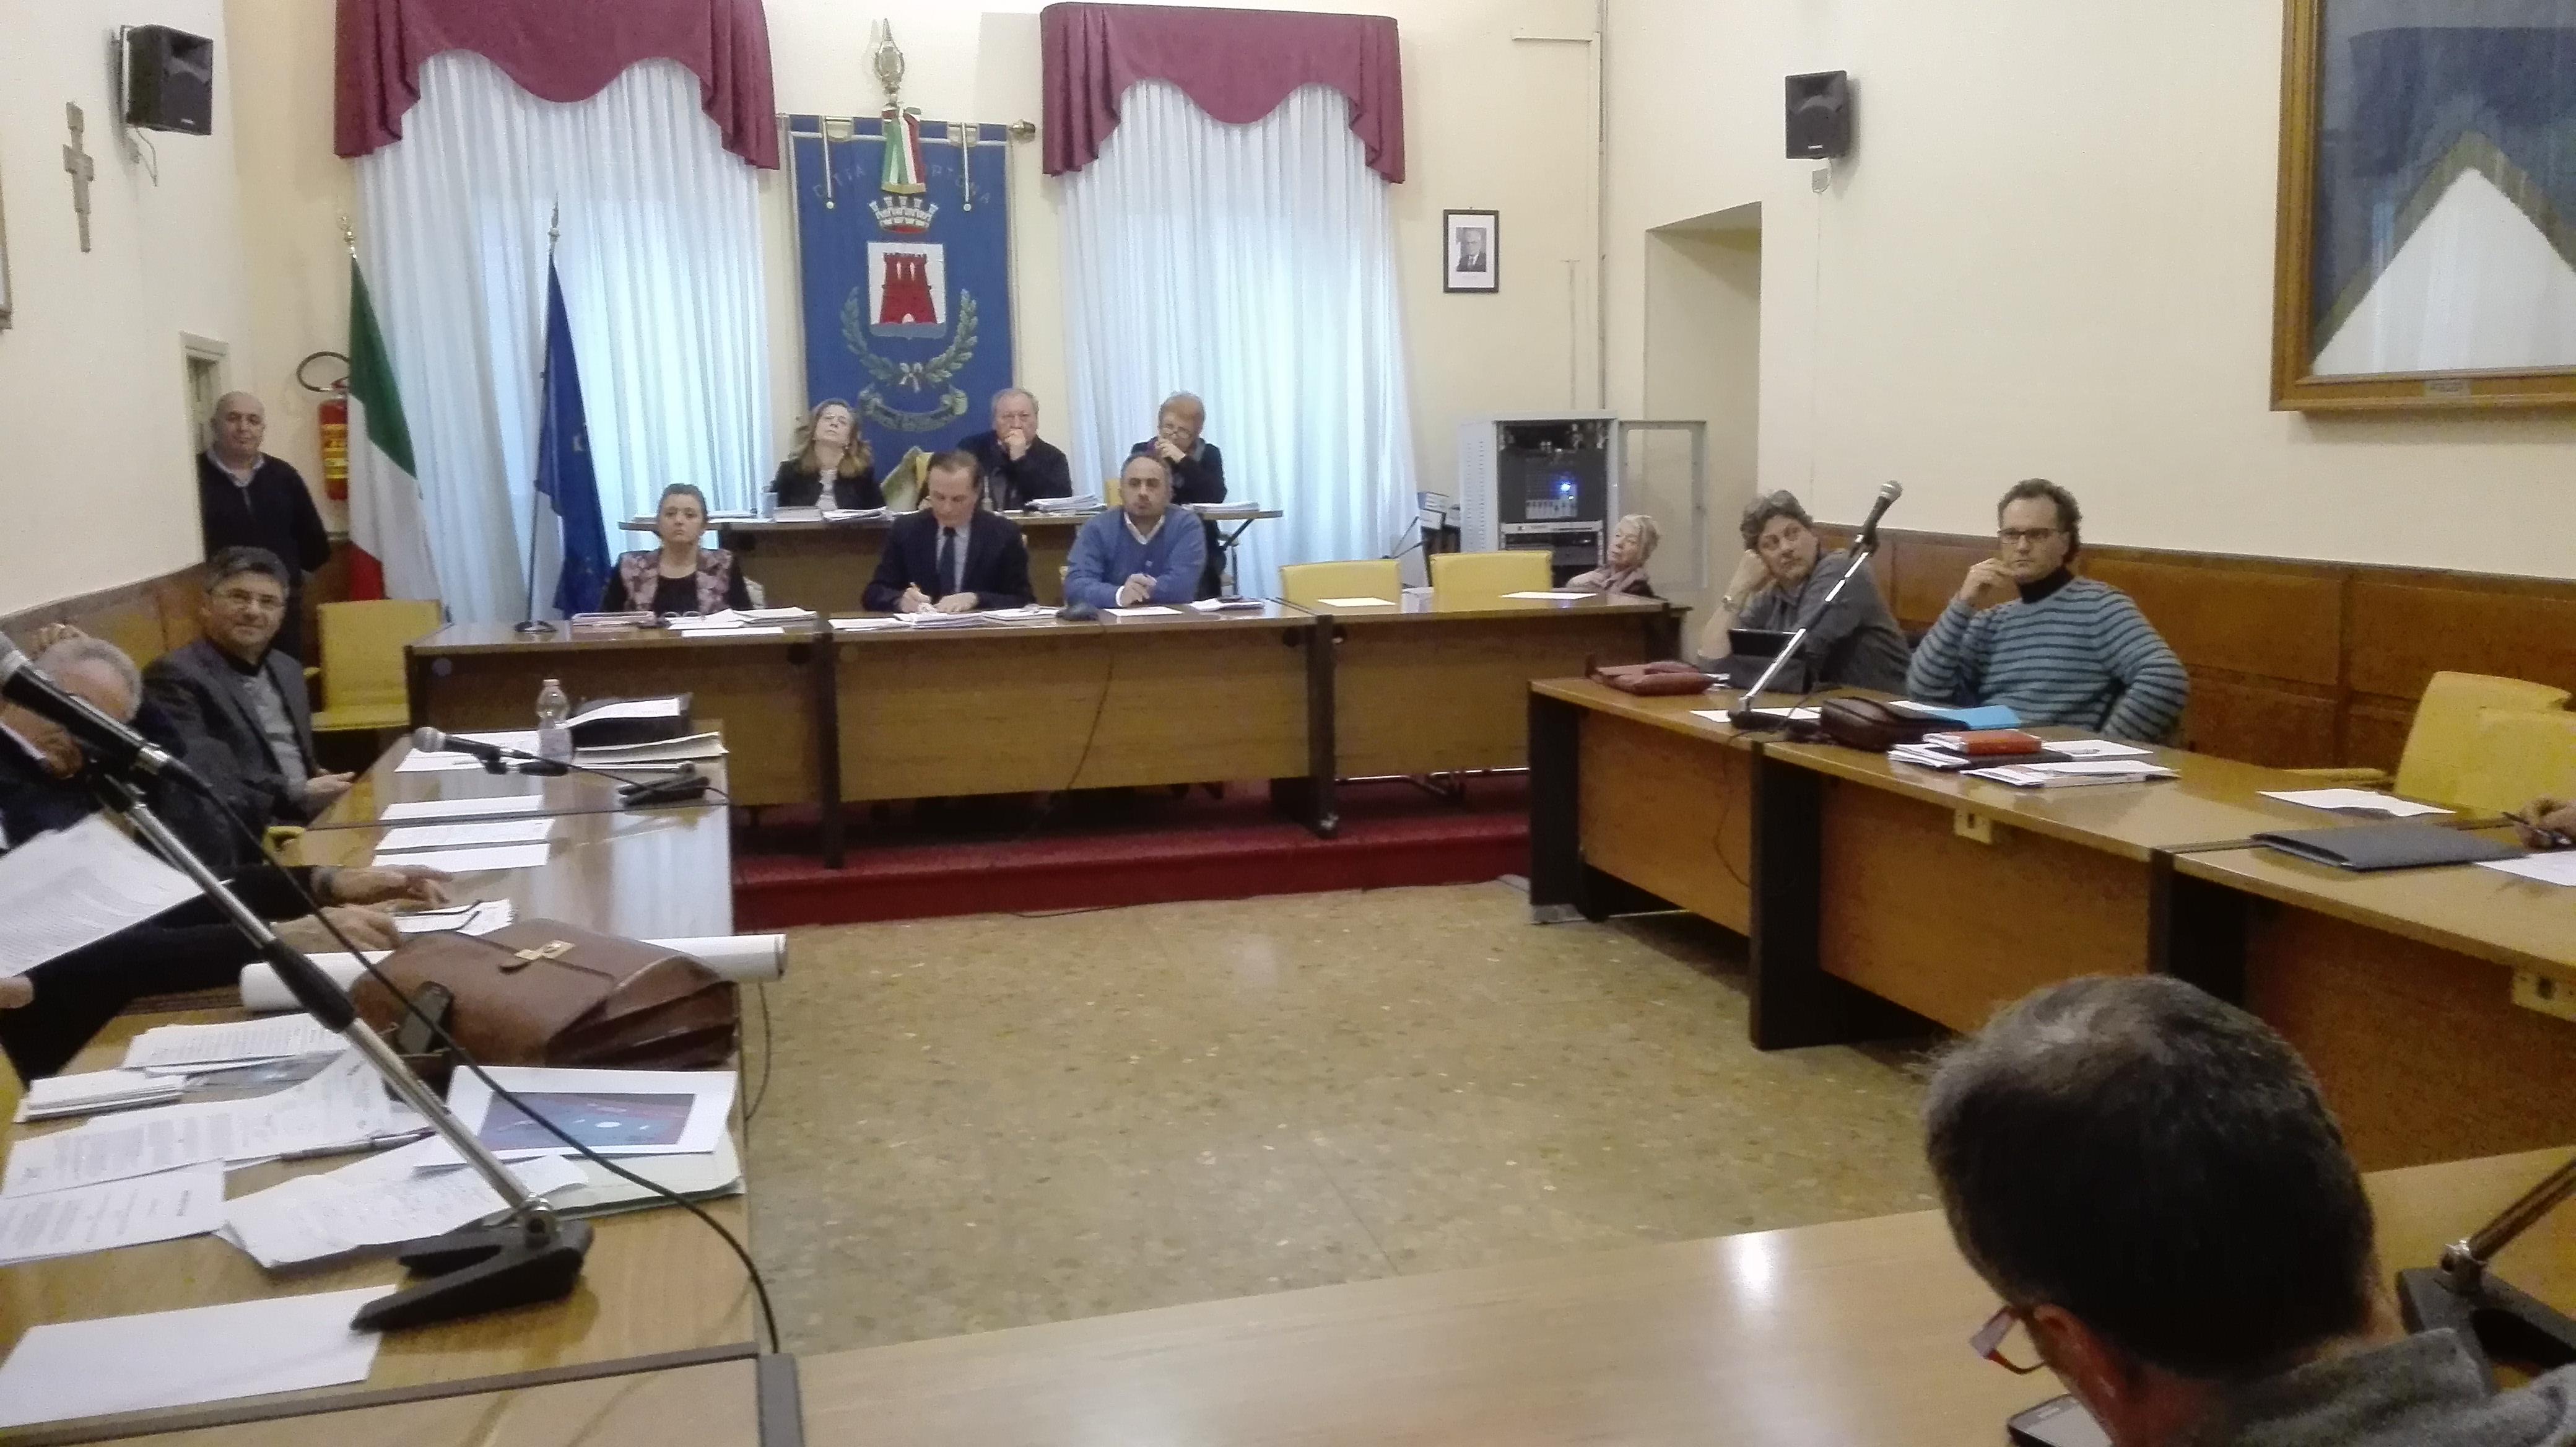 Consiglio Comunale Ortona: rinviata ancora la proposta di referendum per deposito di GPL